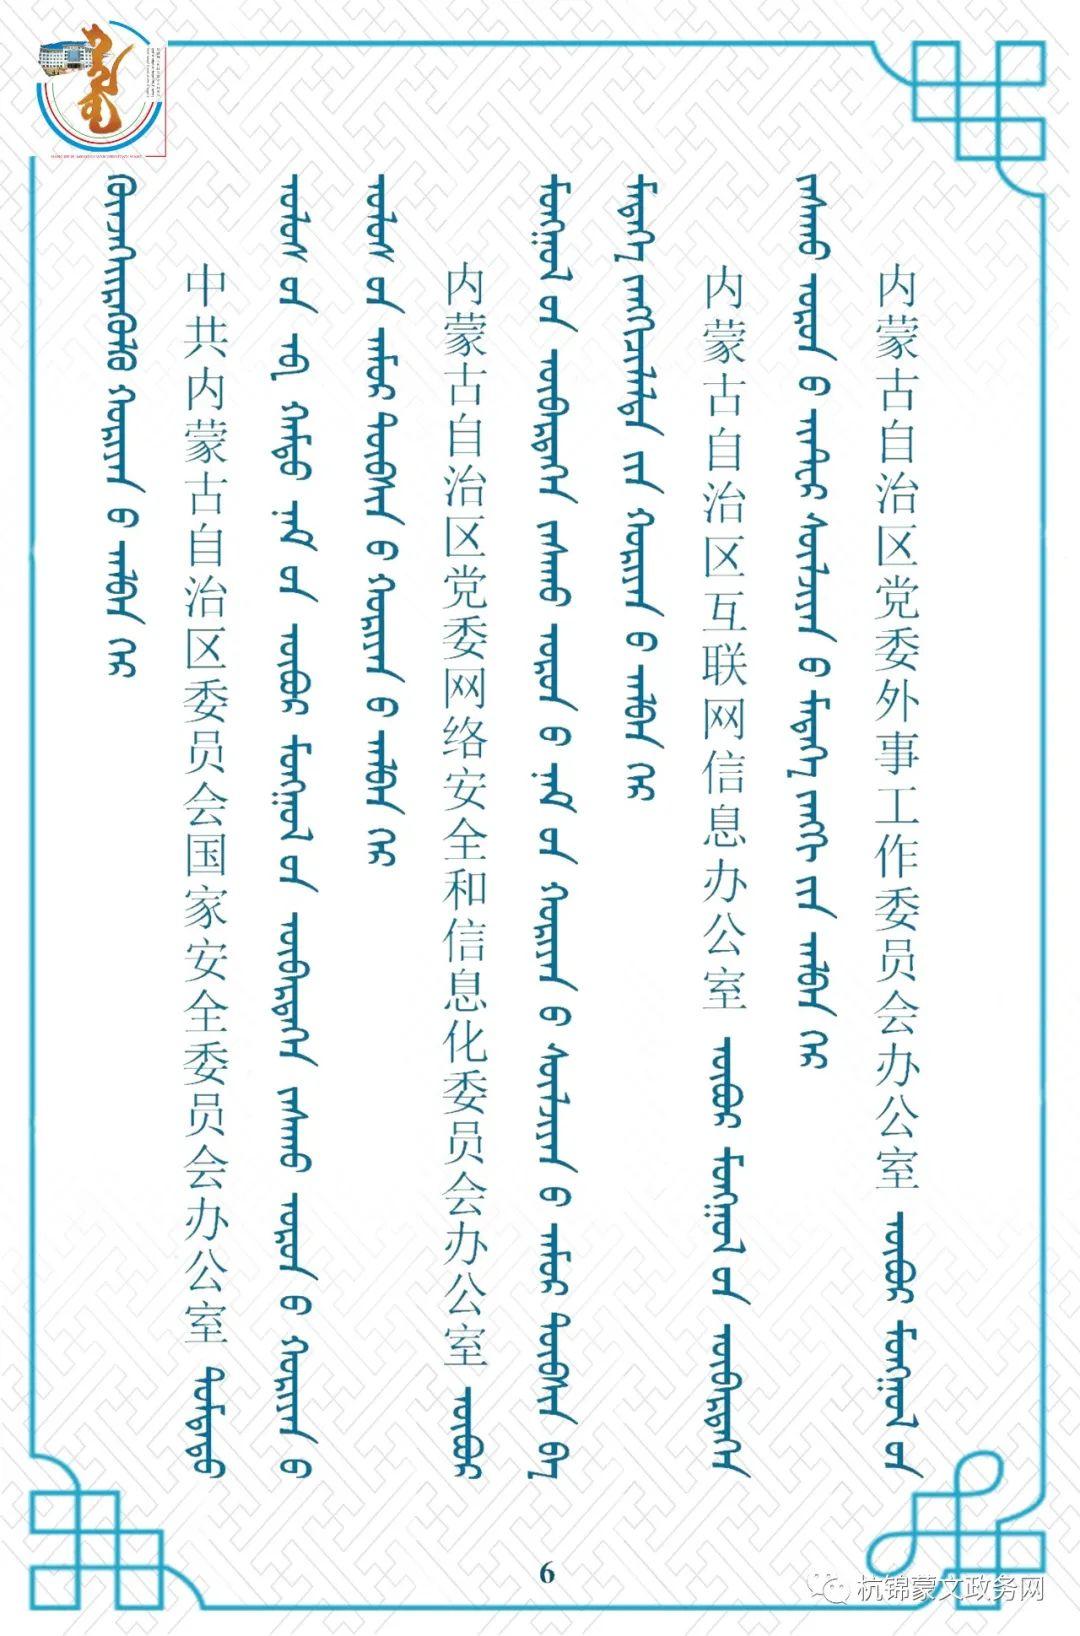 内蒙古自治区委员会机构设置蒙汉对照 第6张 内蒙古自治区委员会机构设置蒙汉对照 蒙古文库